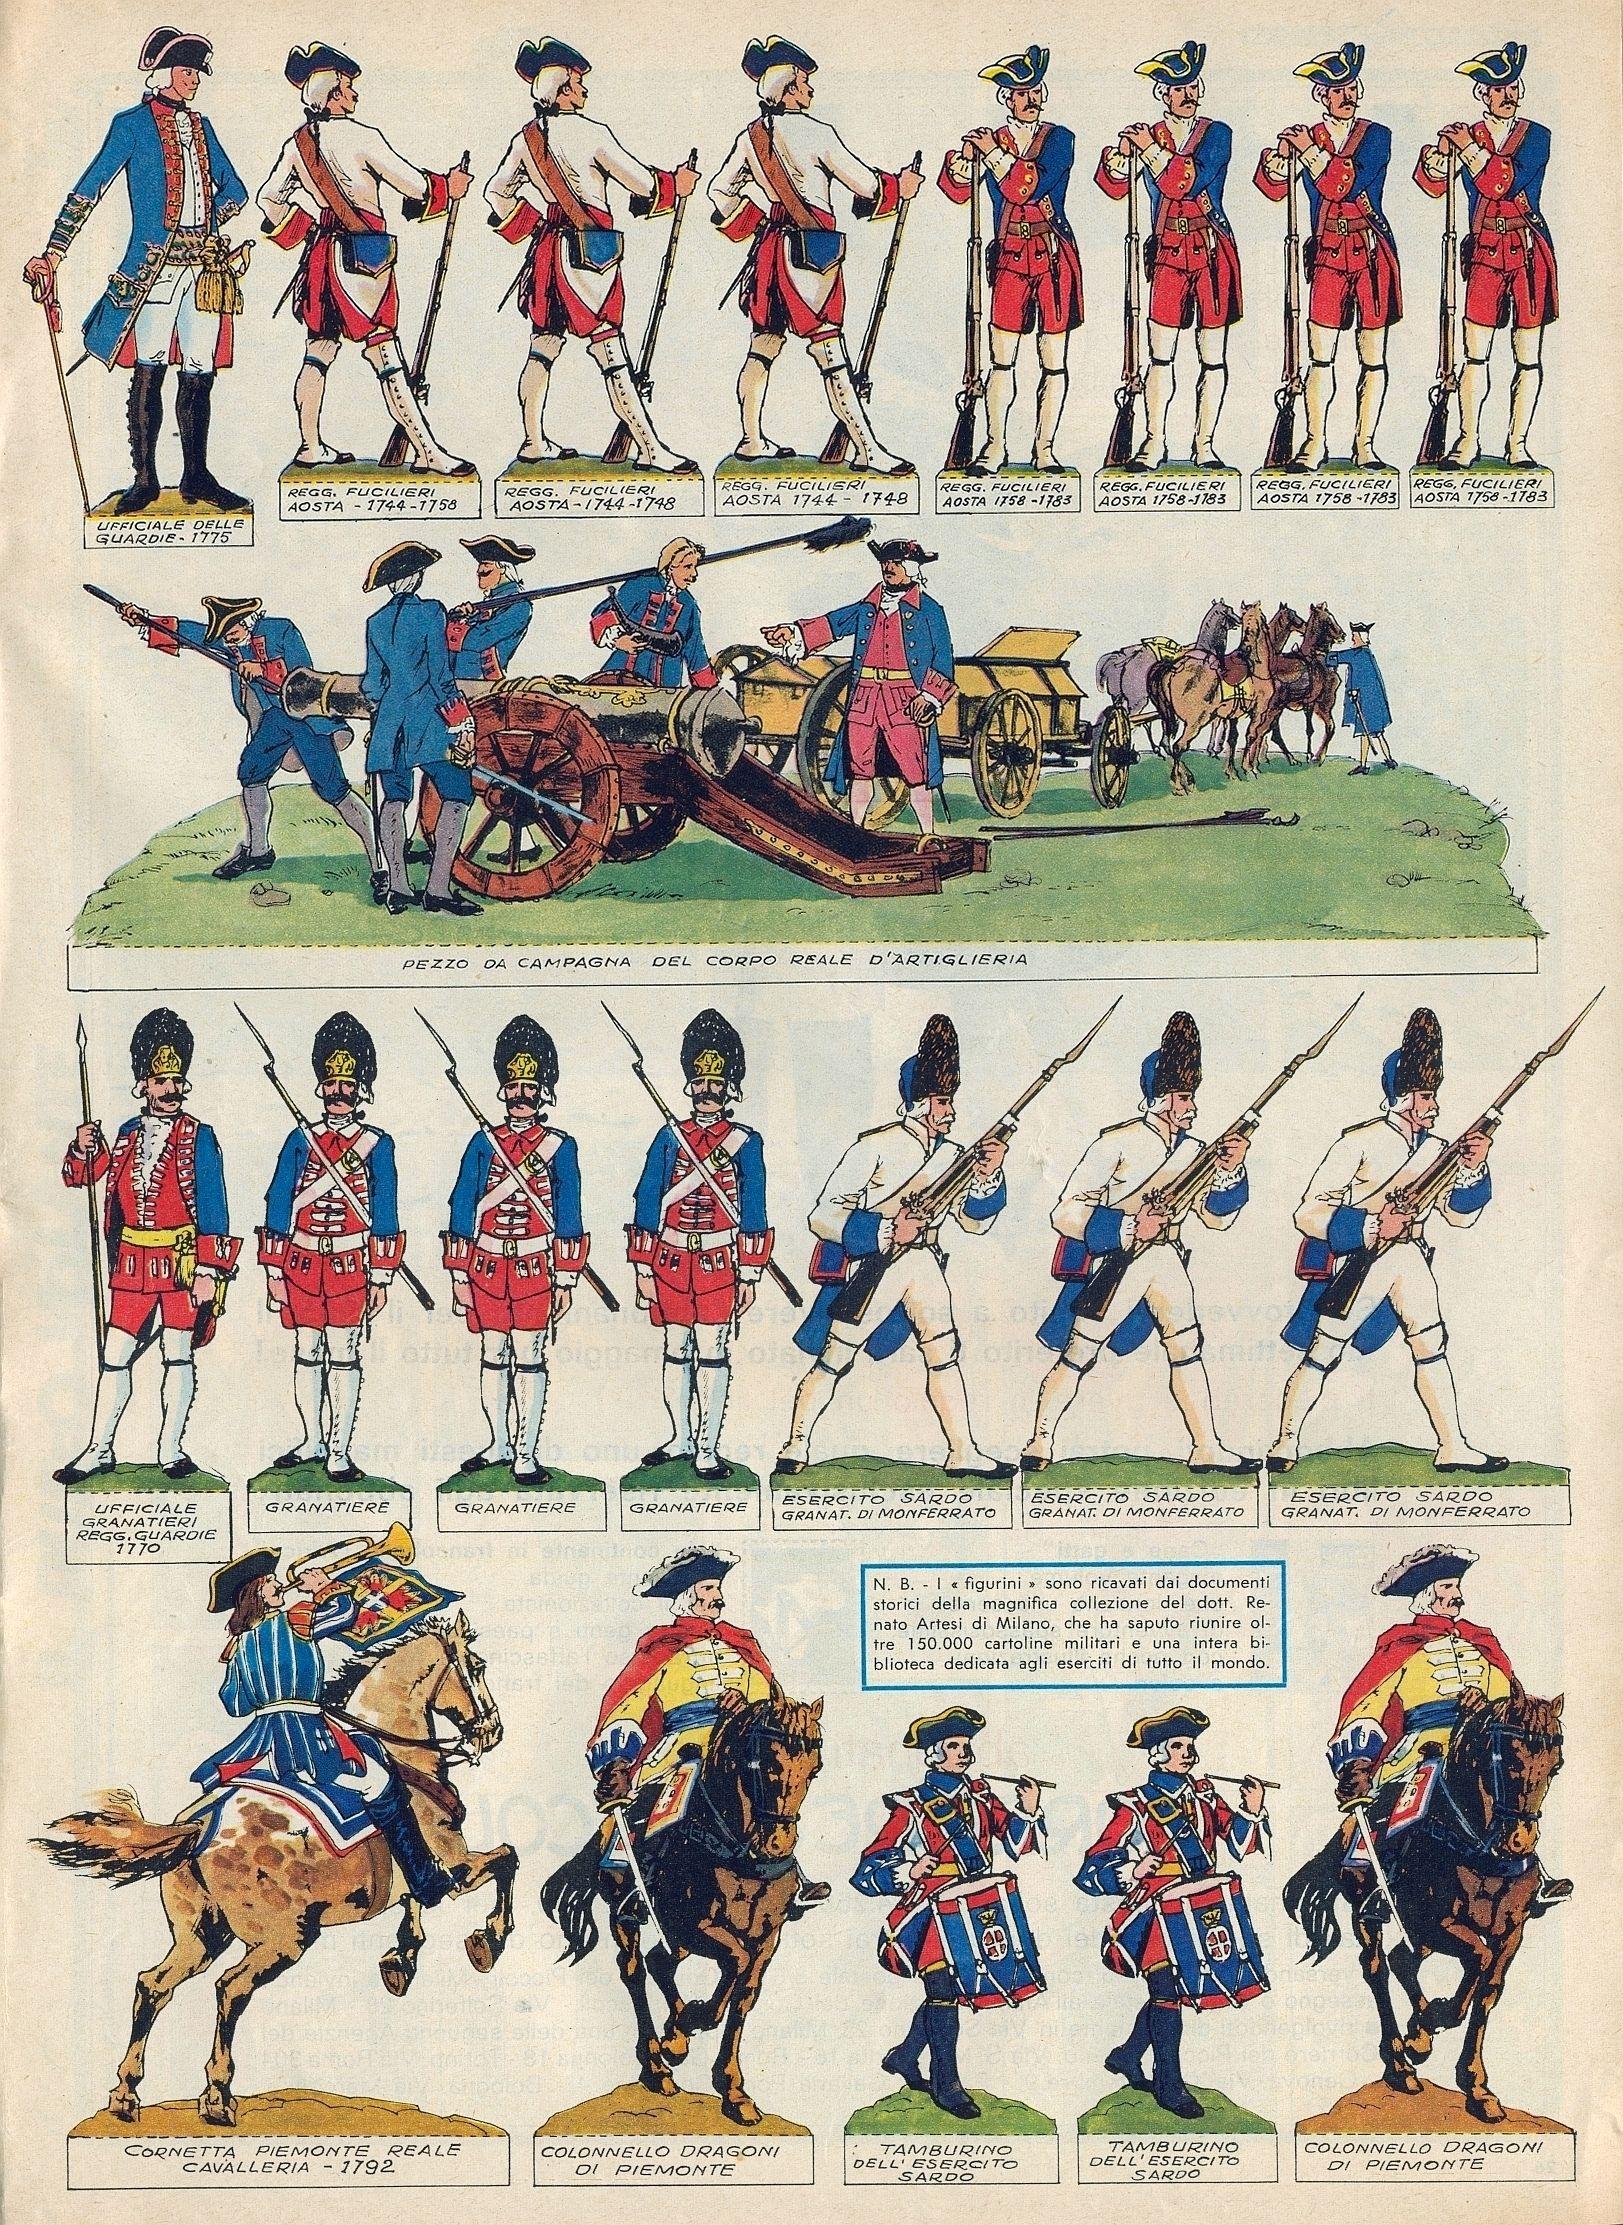 Cartina Militare Piemonte.Tratto Dal Nº 48 Del 29 Novembre 1964 Del Corriere Dei Piccoli Giocattoli Di Carta Uniformi Militari Giocattoli